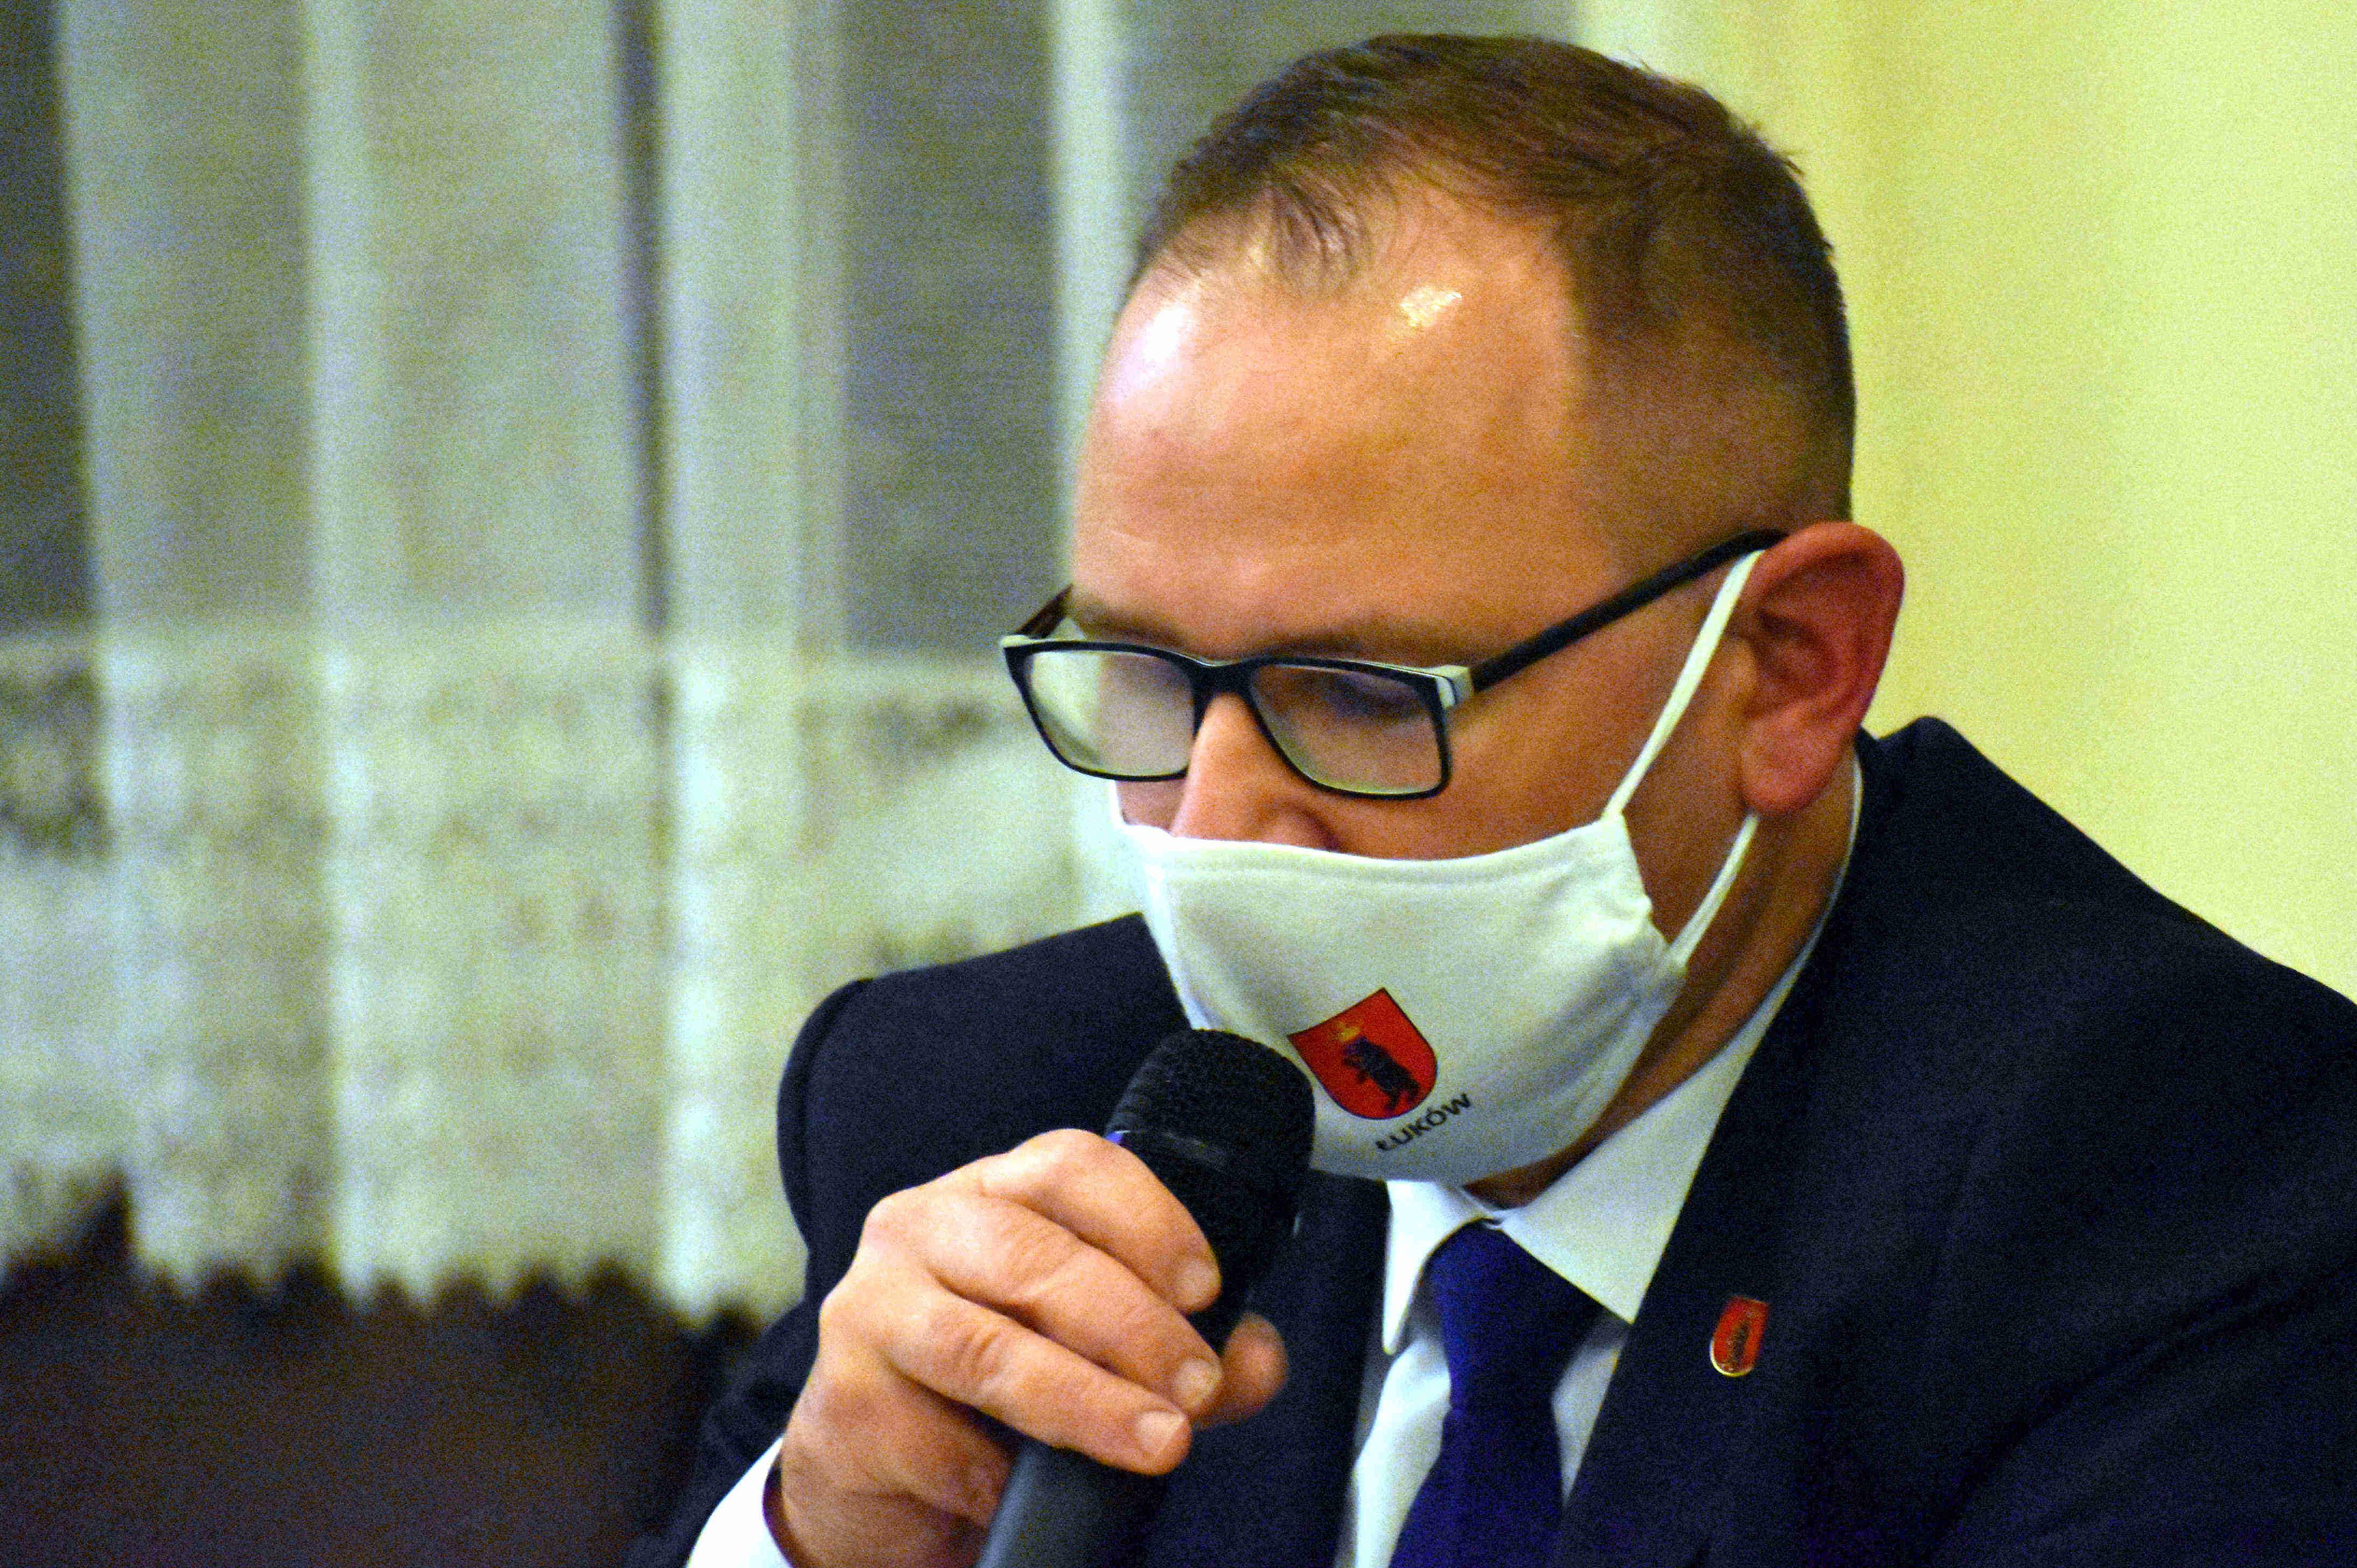 ŁUKÓW. Radni zdecydują czy burmistrz dostanie absolutorium - Zdjęcie główne